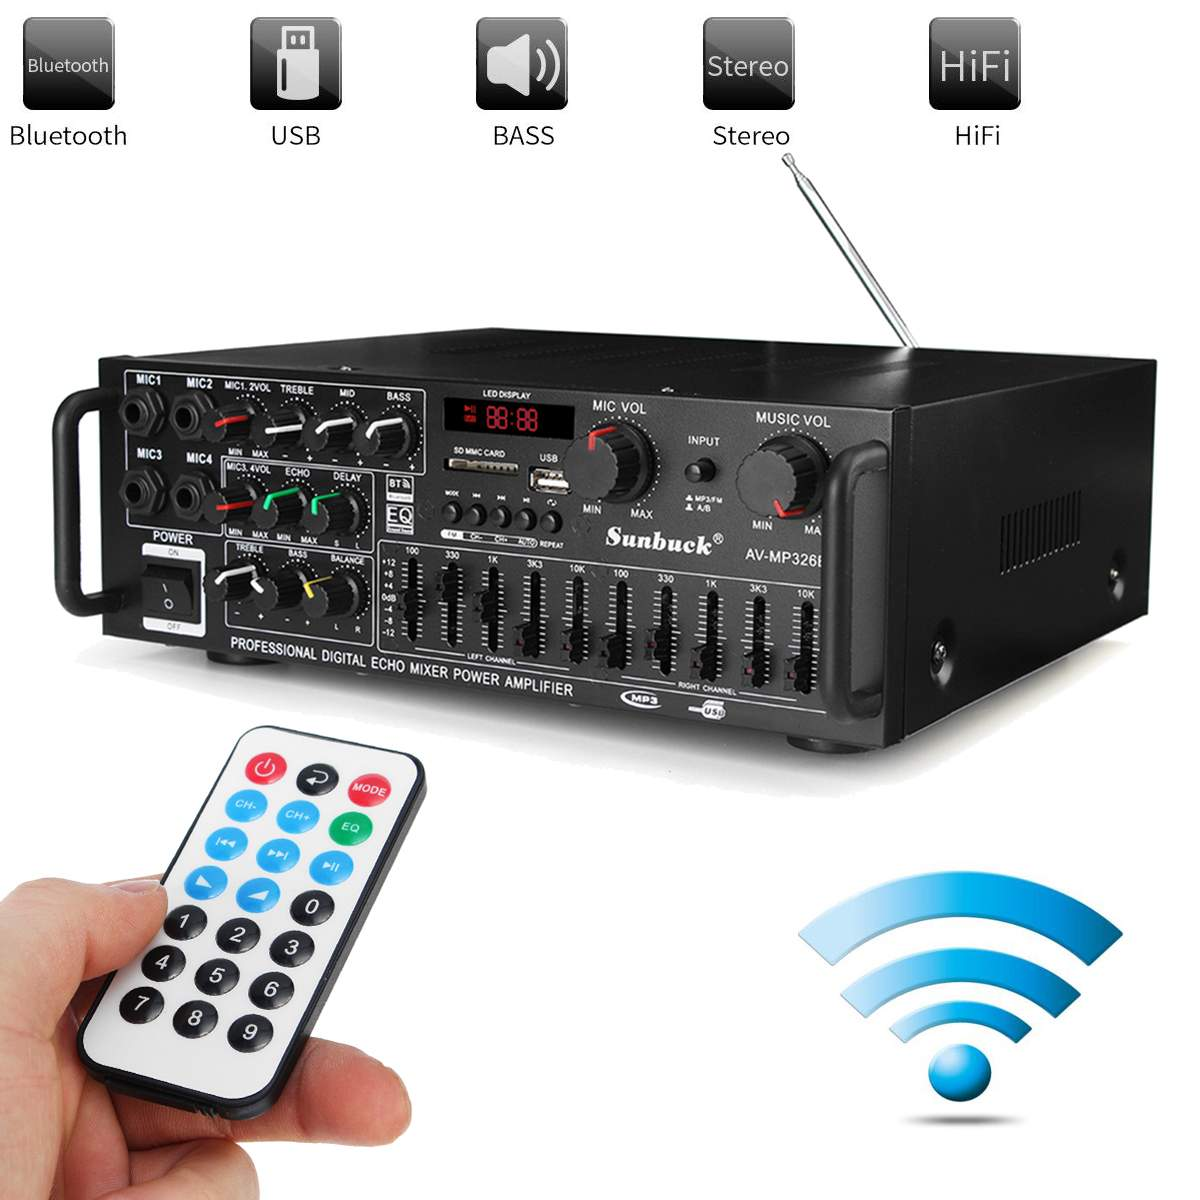 EQ 2000 w 4 ohm 2CH bluetooth Estéreo auriculares bluetooth Digital amplificador de potencia USB 64 GB casa teatro amplificadores - 6